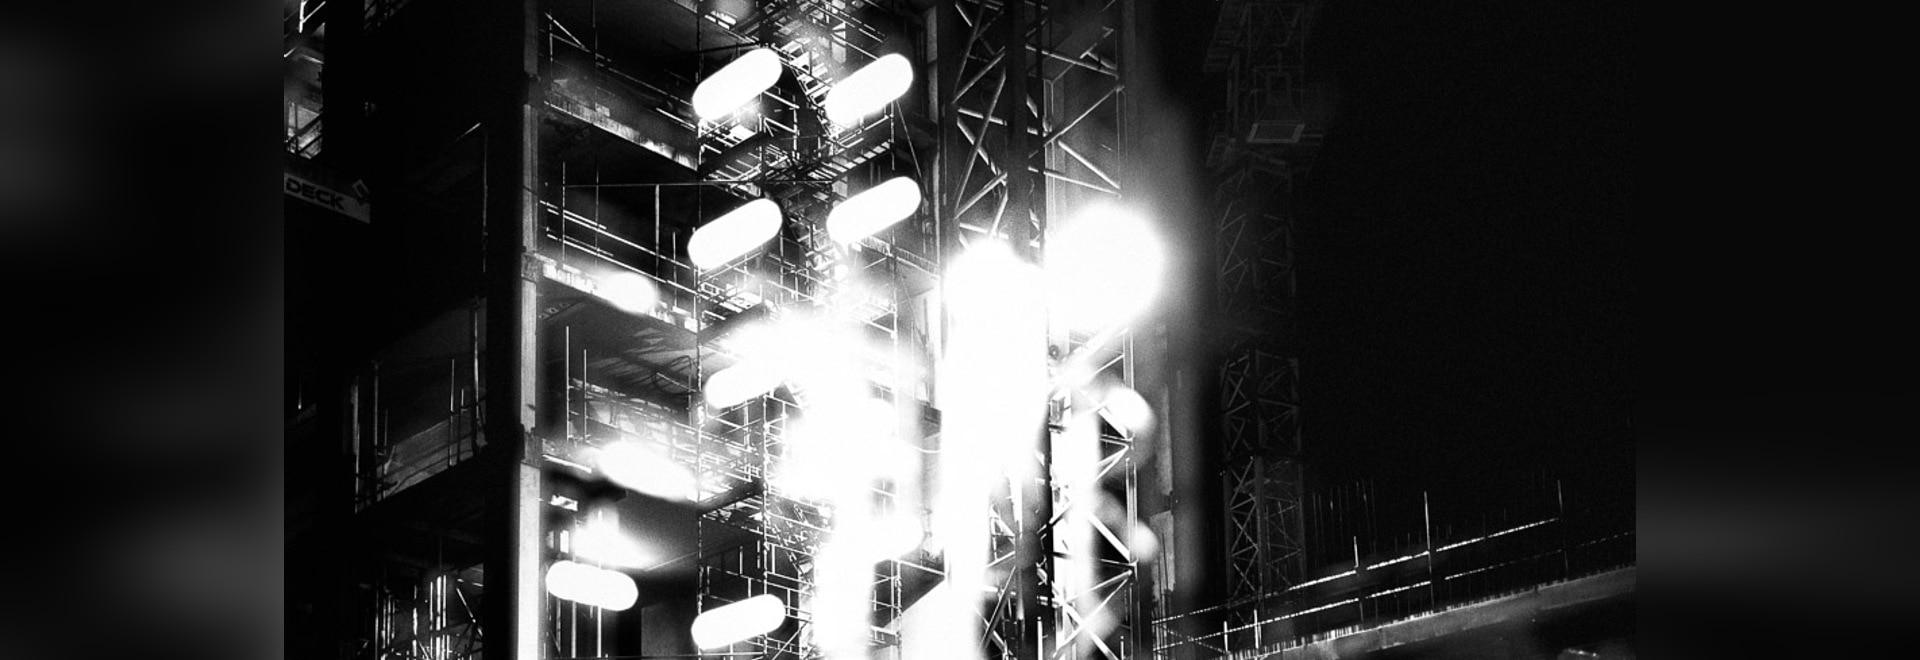 """Abstrakte Fotographie durch Lewis Bush zeichnet die """"konkurrenzfähige Wiederentwicklung"""" von London auf"""